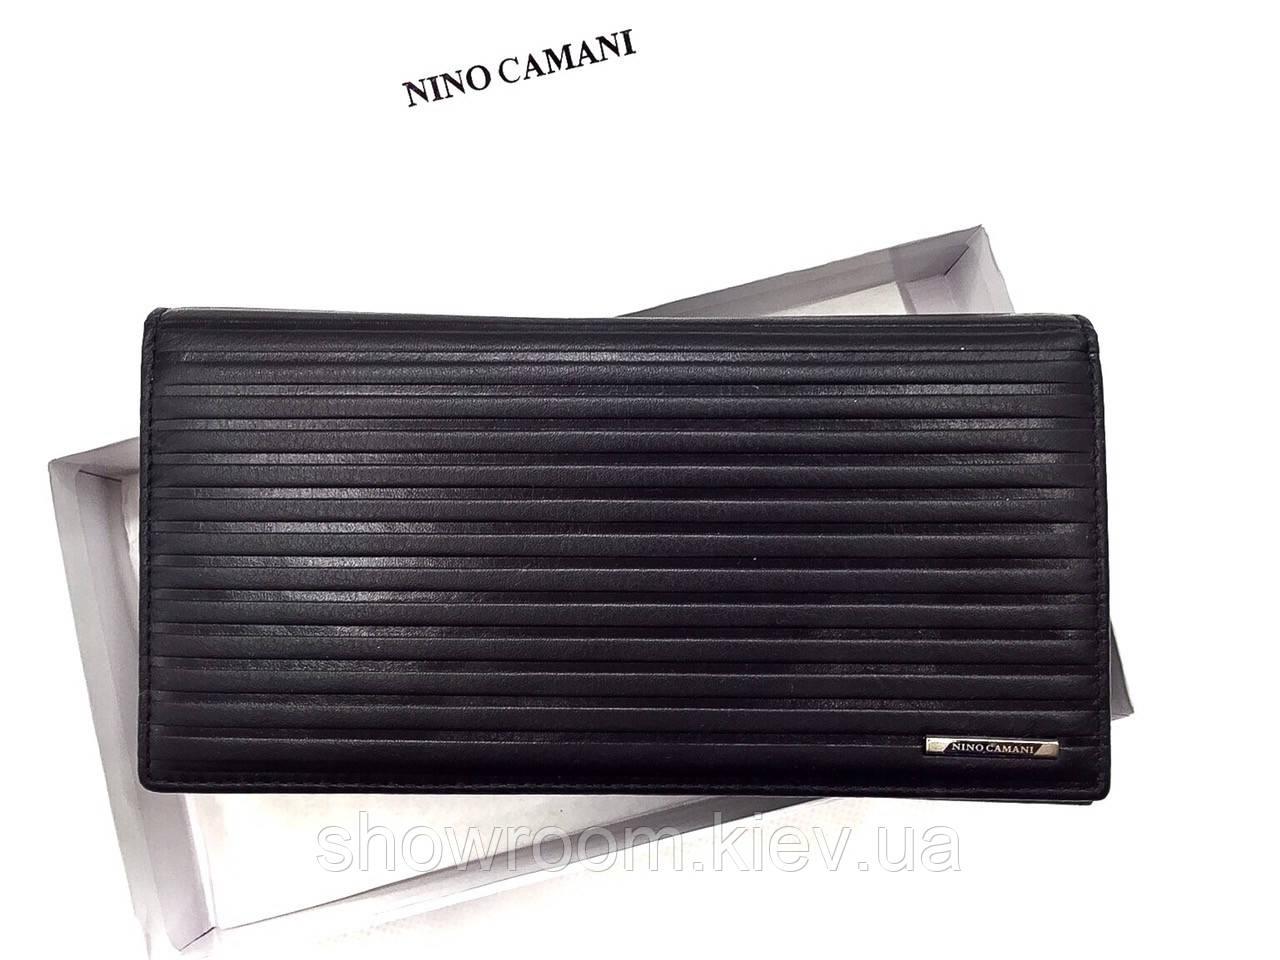 Бумажник мужской Nino Camani (1601) черный кожаный